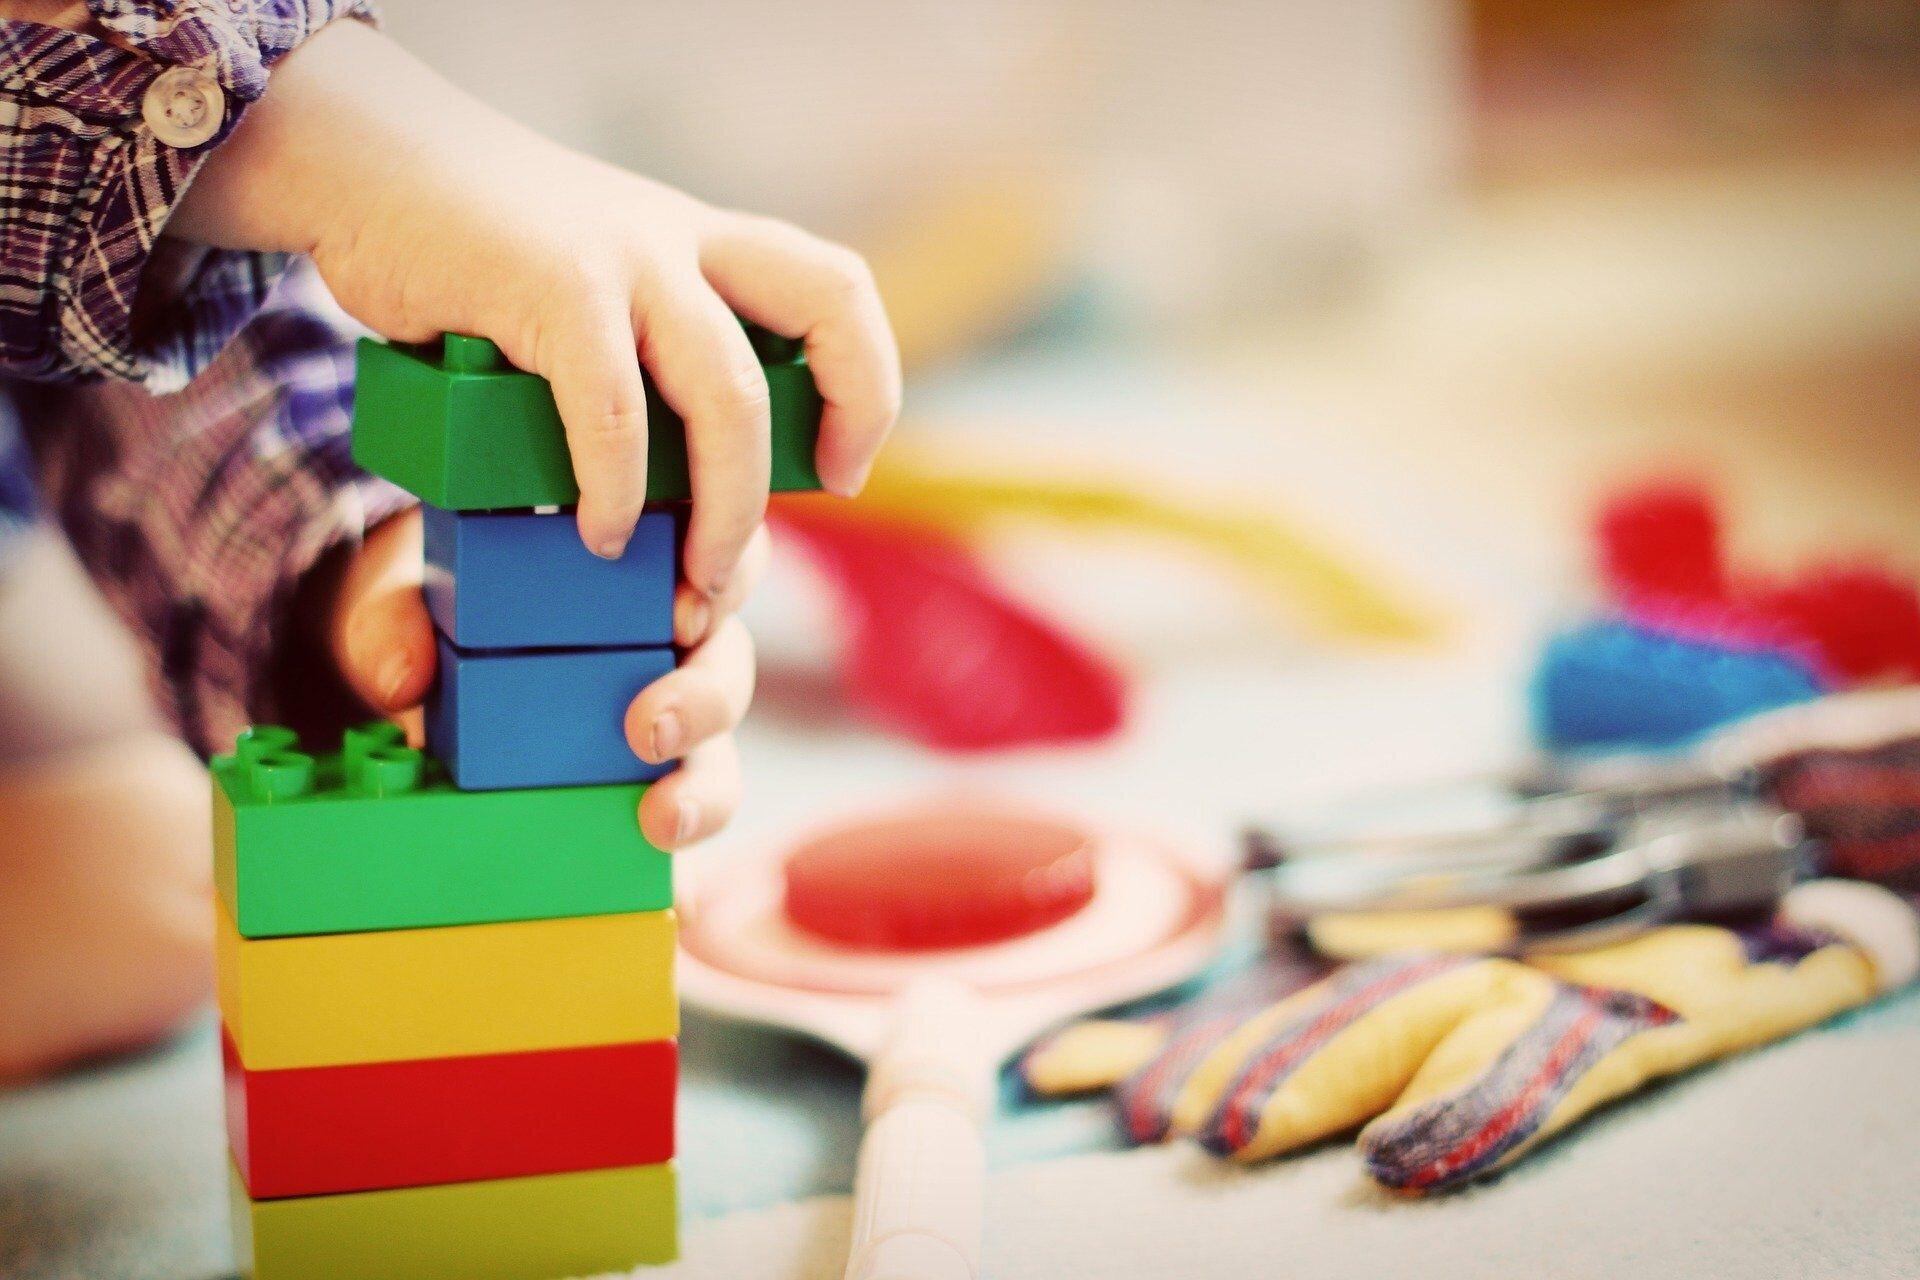 Ein Kind baut einen Turm aus Duplosteinen